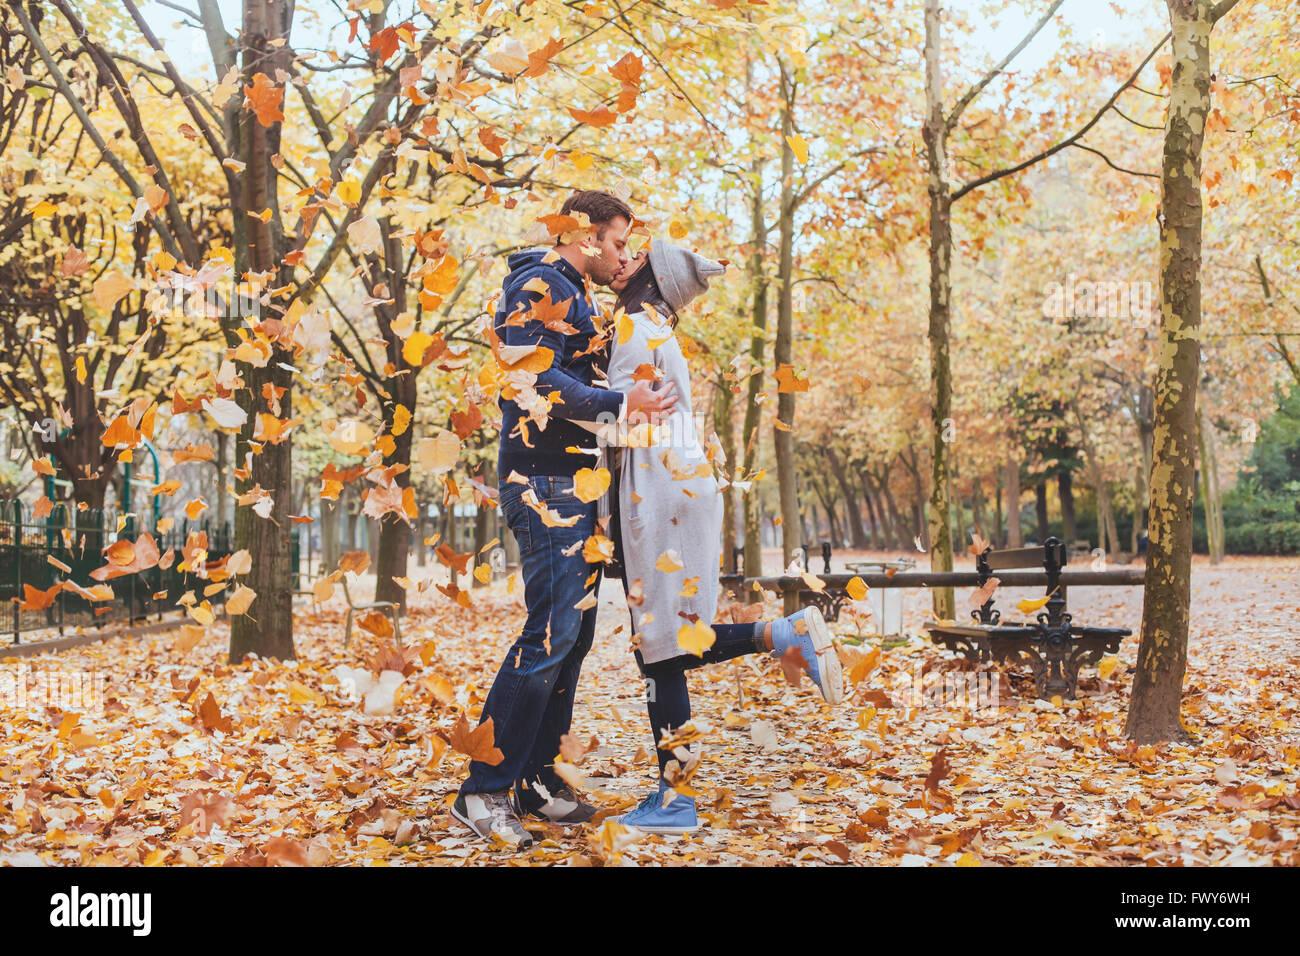 Herbst Kuss, junge Liebespaar im Park mit fallenden Blätter Stockbild